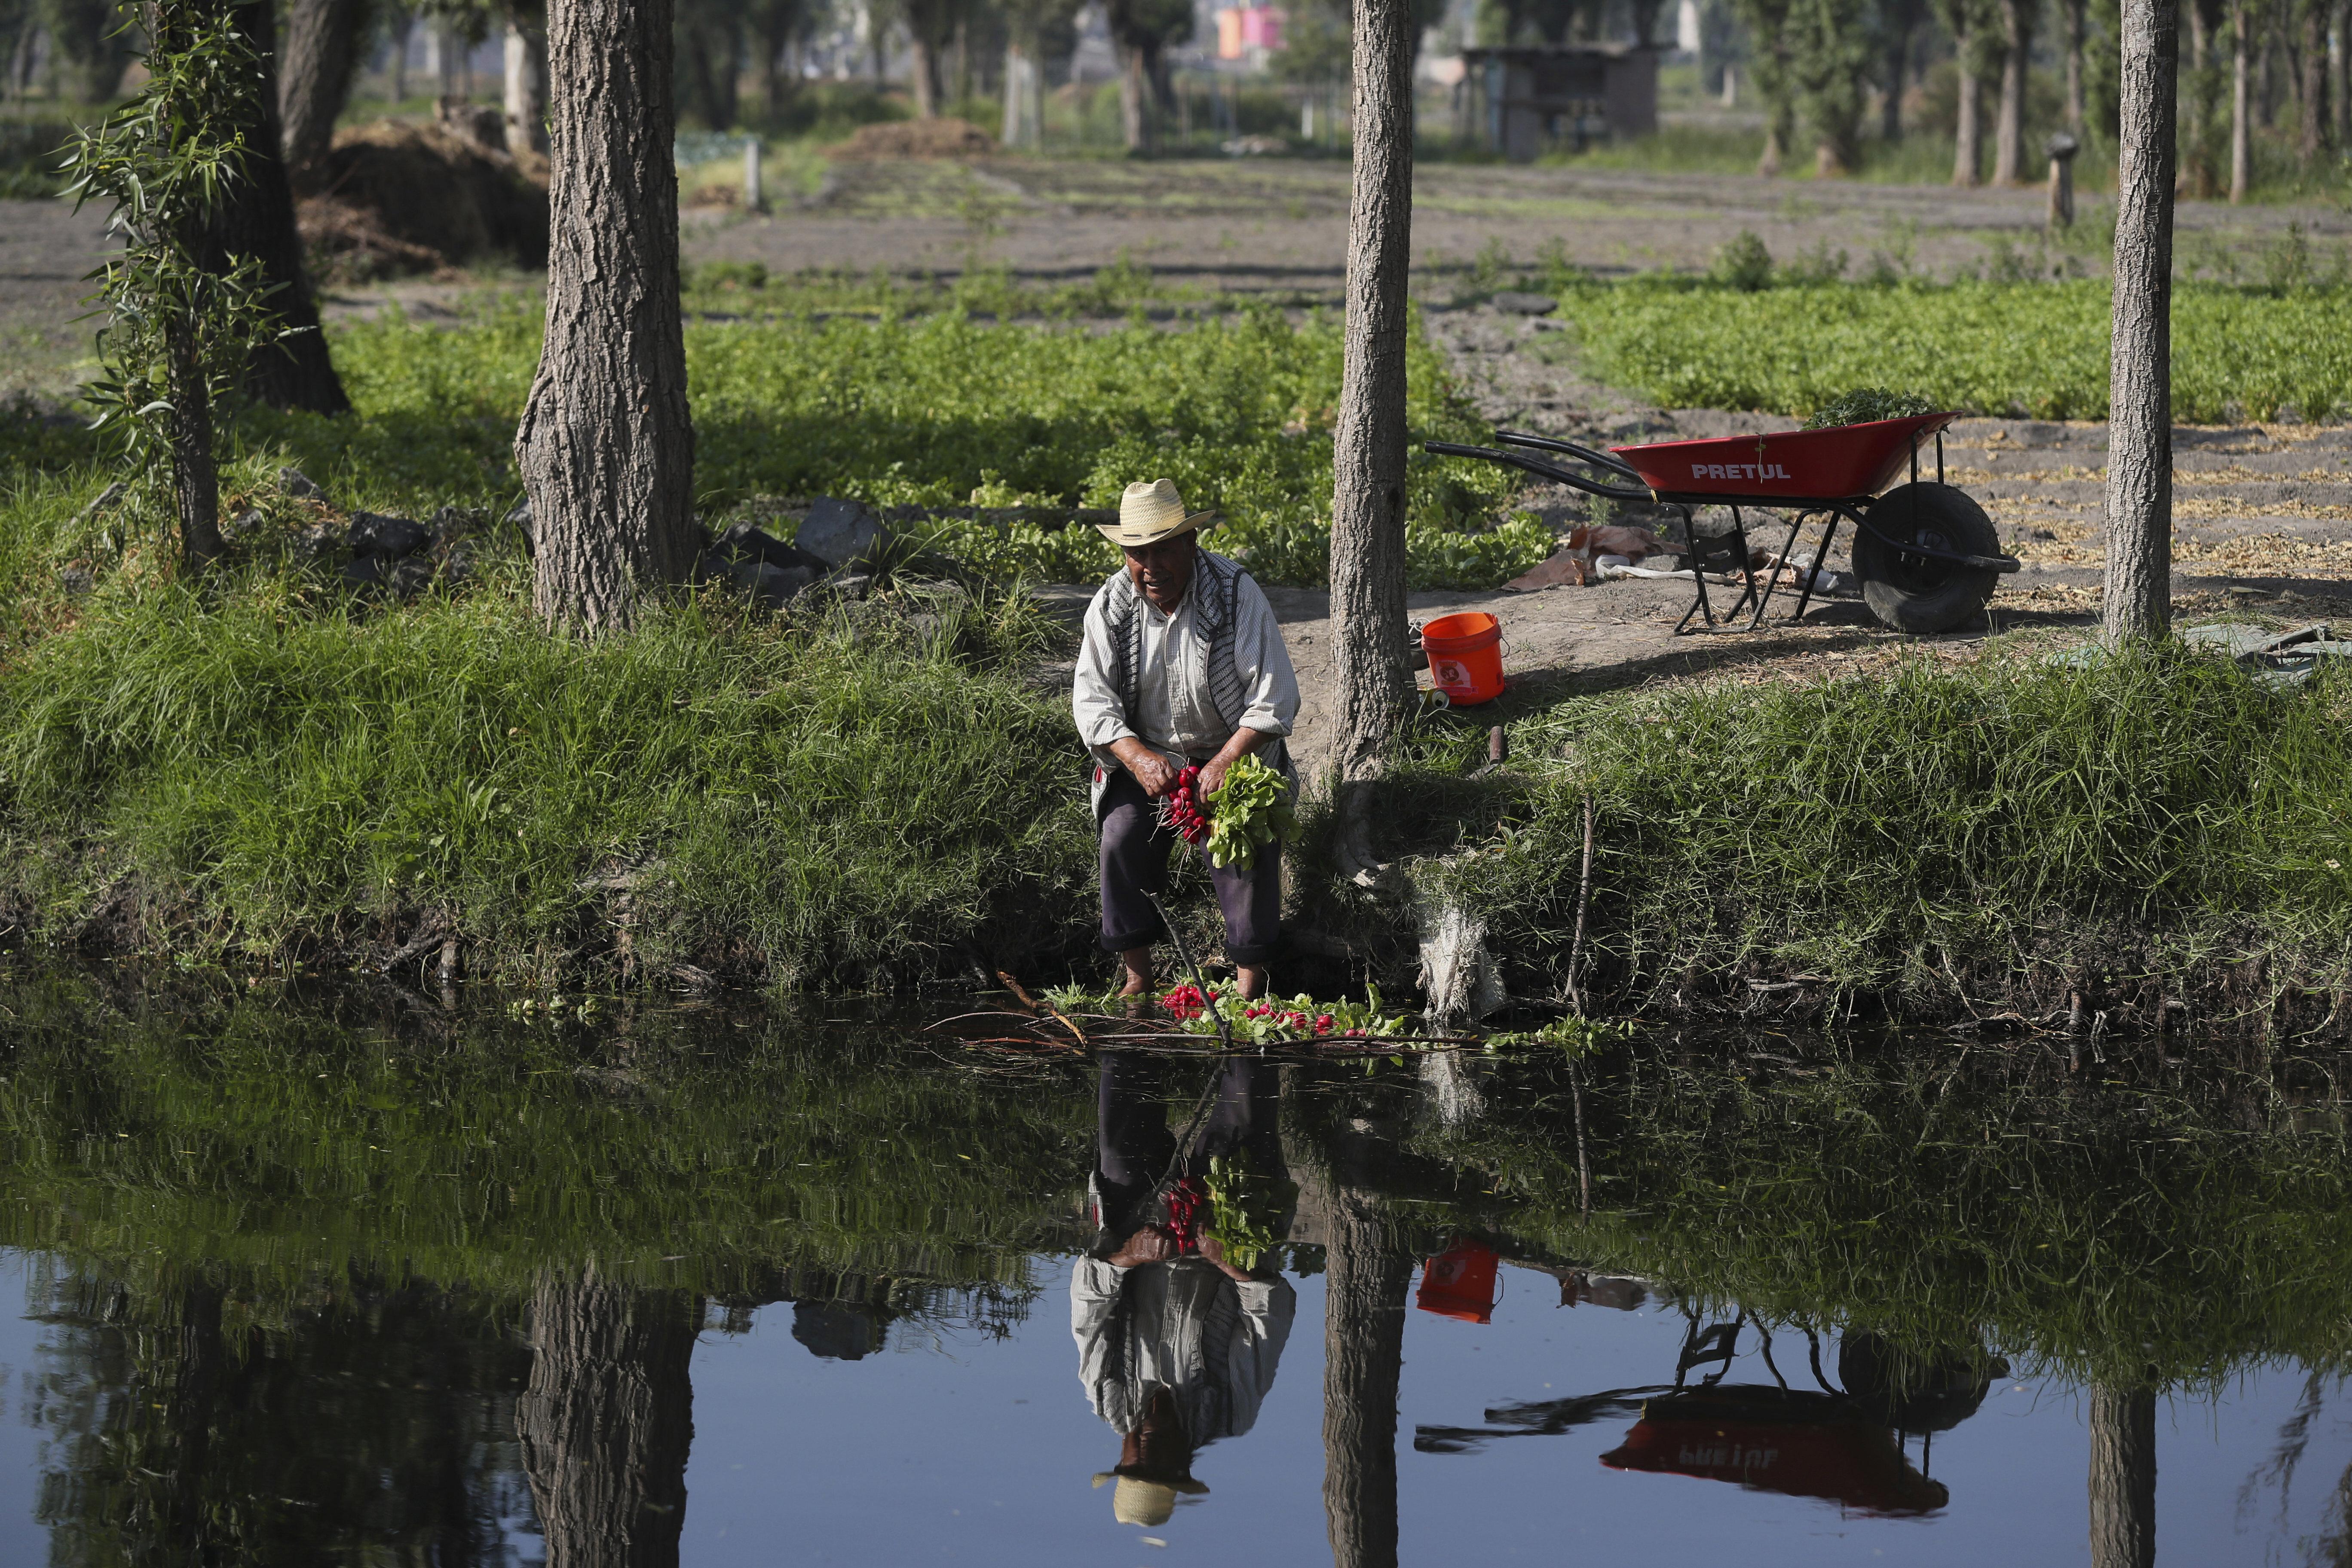 Un agricultor limpia la remolacha roja en una granja en San Andrés Mixquic, a las afueras de la Ciudad de México, el lunes 30 de marzo de 2020, en medio de la propagación mundial del nuevo coronavirus.